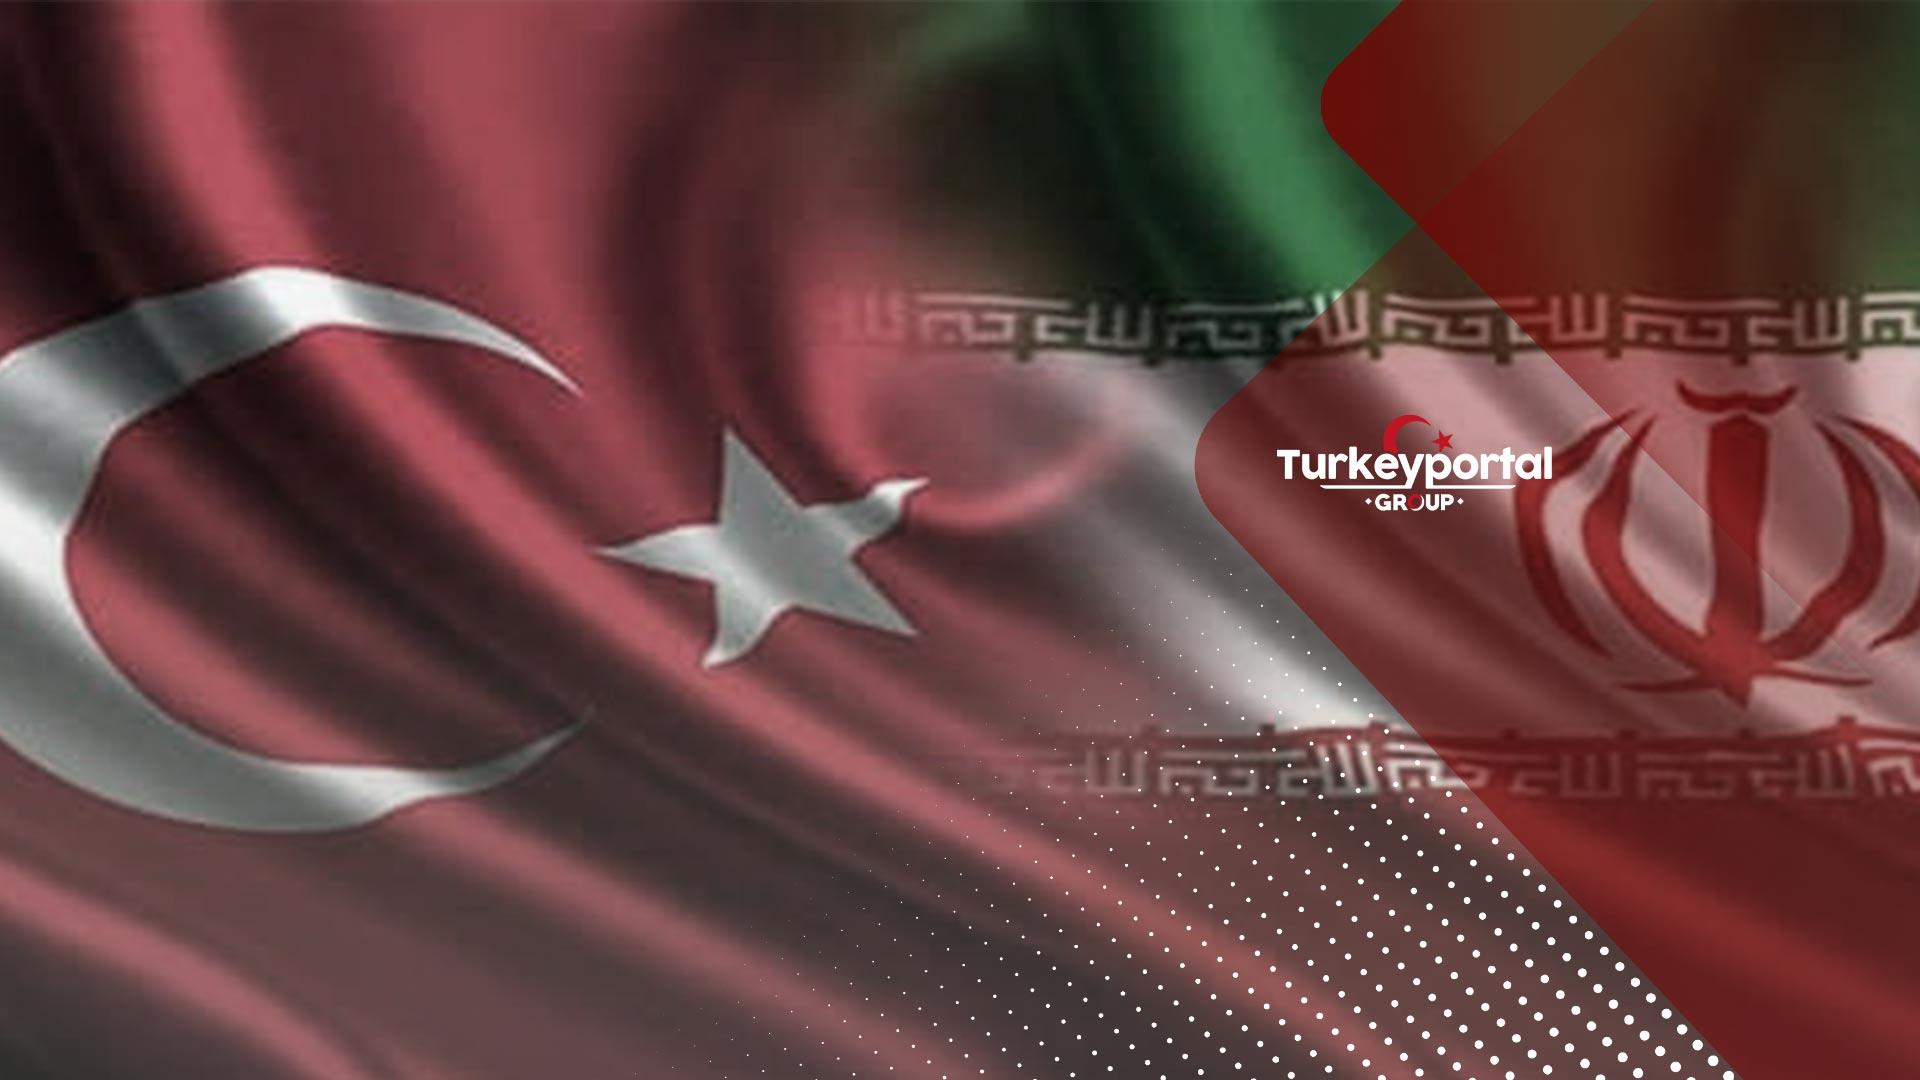 رایزنی ریاست اتاق مشترک ایران و ترکیه با رایزن جدید بازرگانی سفارت ترکیه